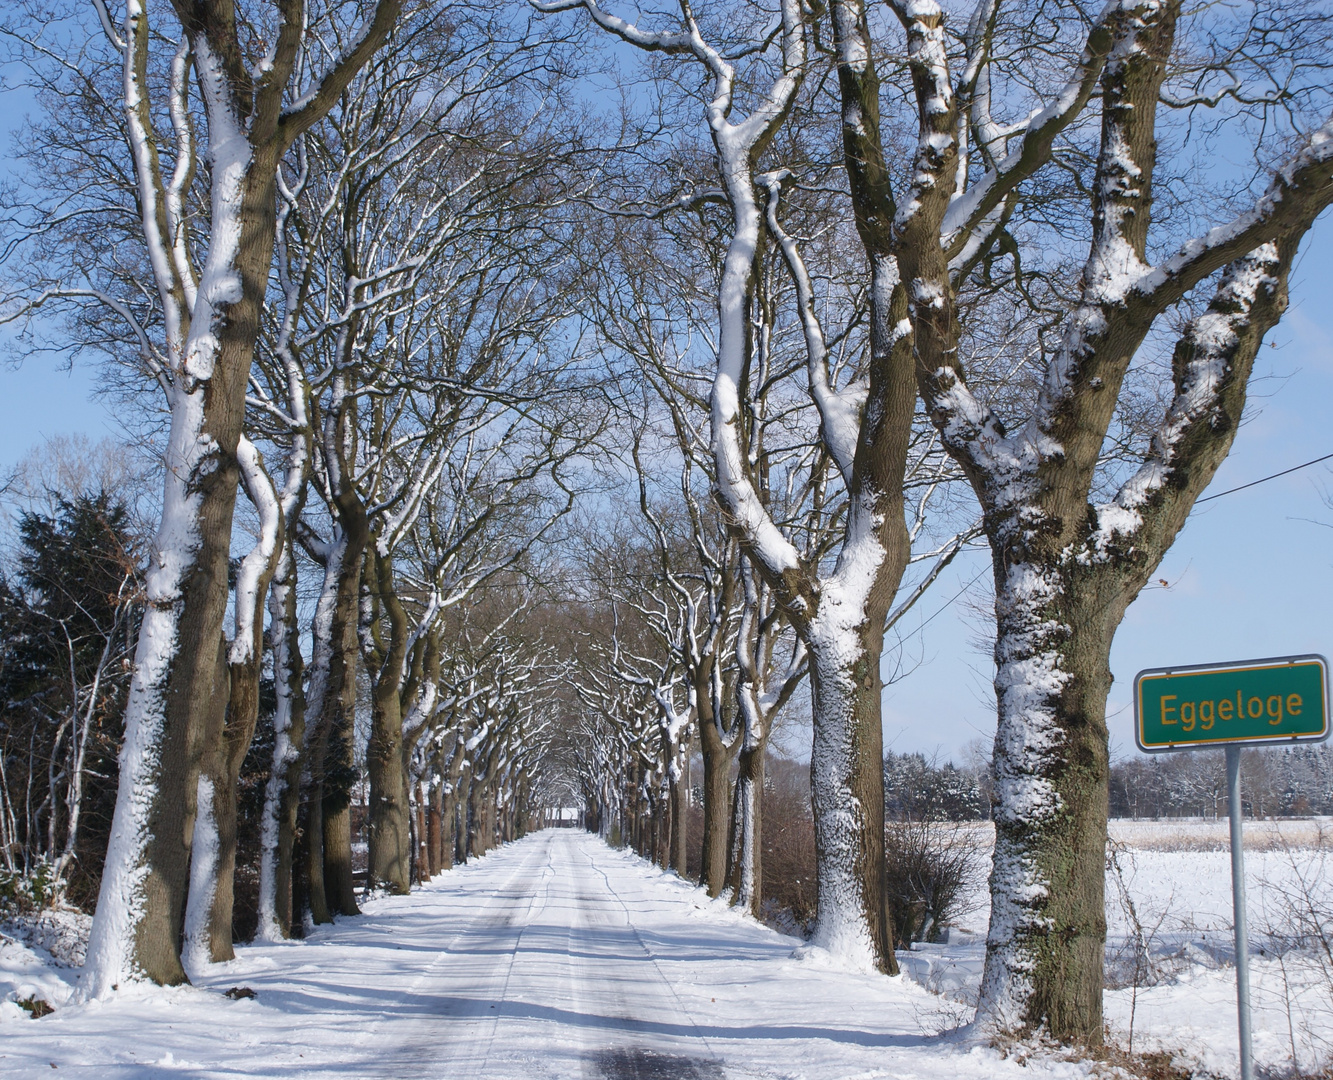 Wegbeschreibung: Immer geradeaus, bis zur Gabelung  links, dann kommt man ins Dorf.